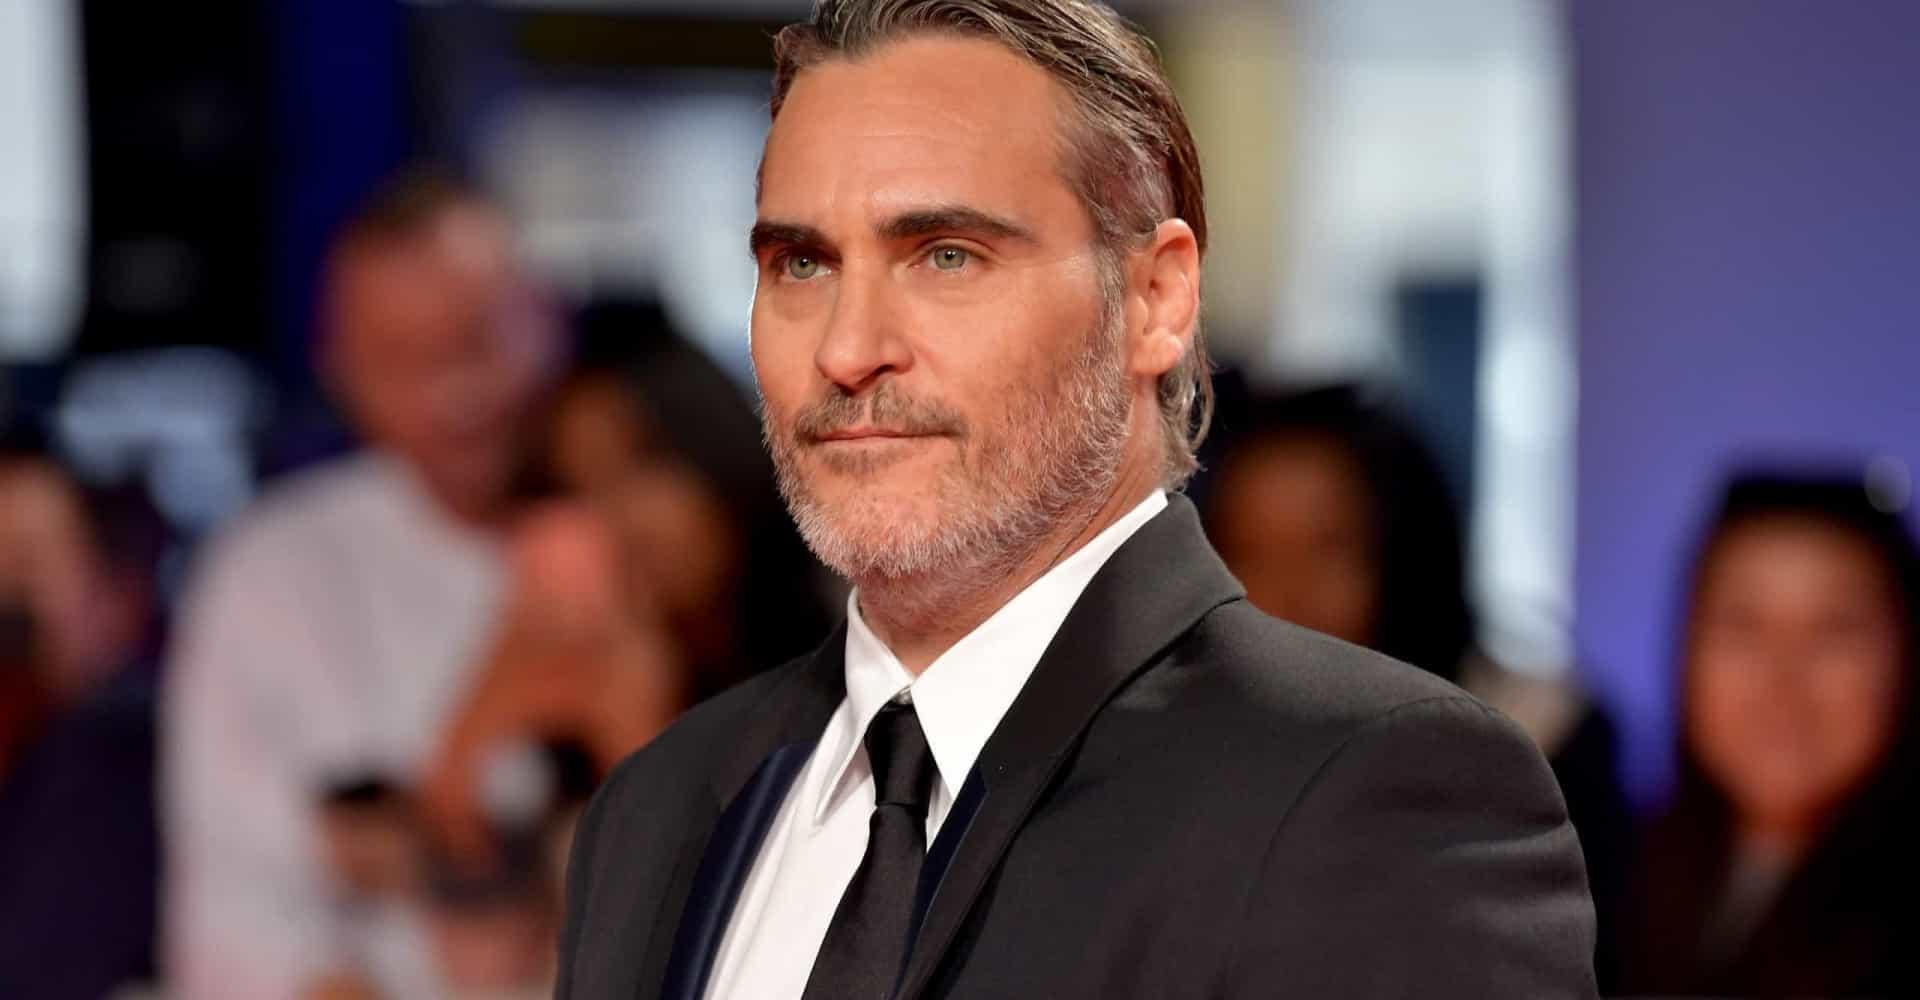 Oscar 2020: 5 motivos para Joaquin Phoenix ganhar como melhor ator